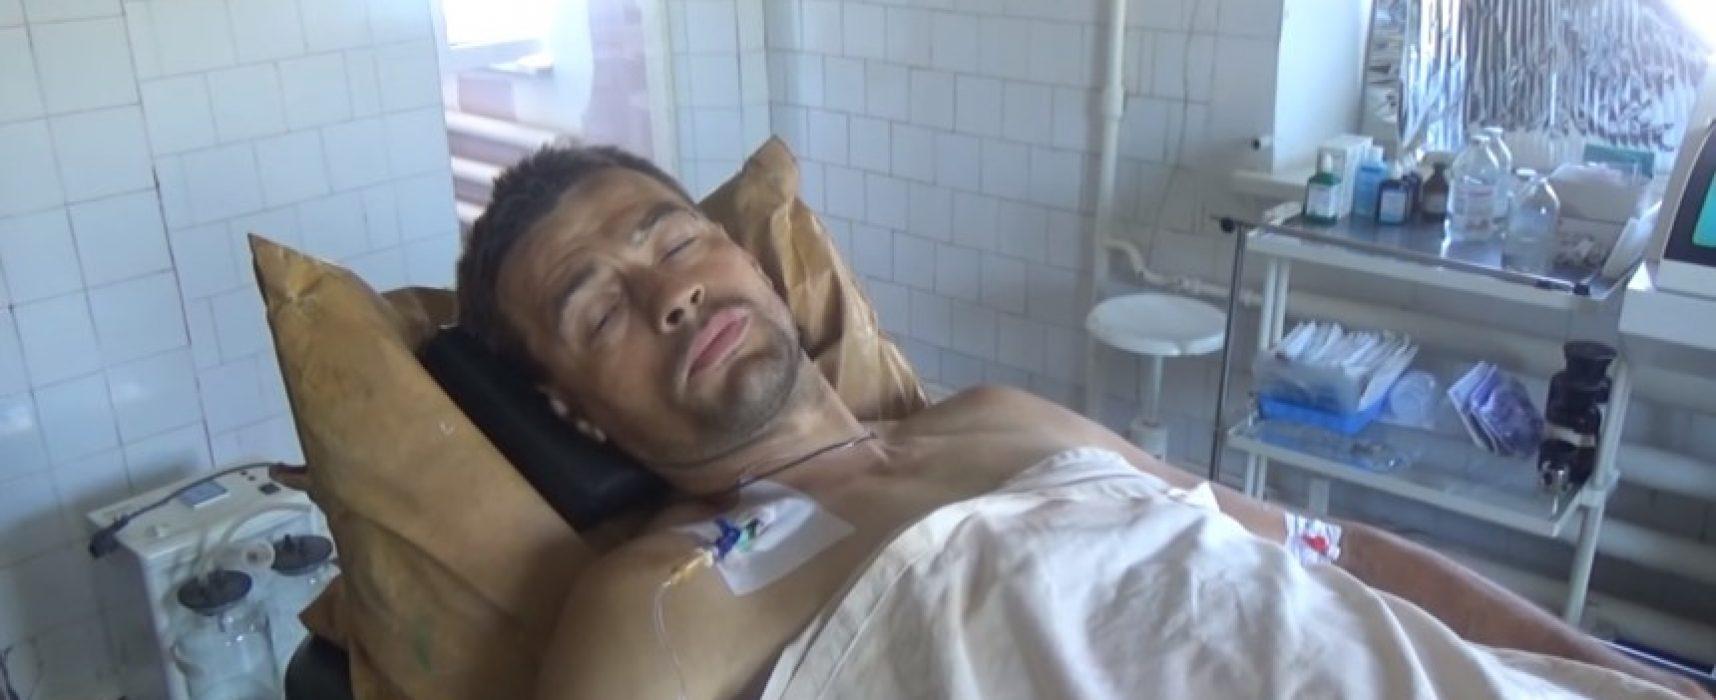 «Je crois que cette guerre est inutile» – militaire de carrière russe capturé dans le Donbass